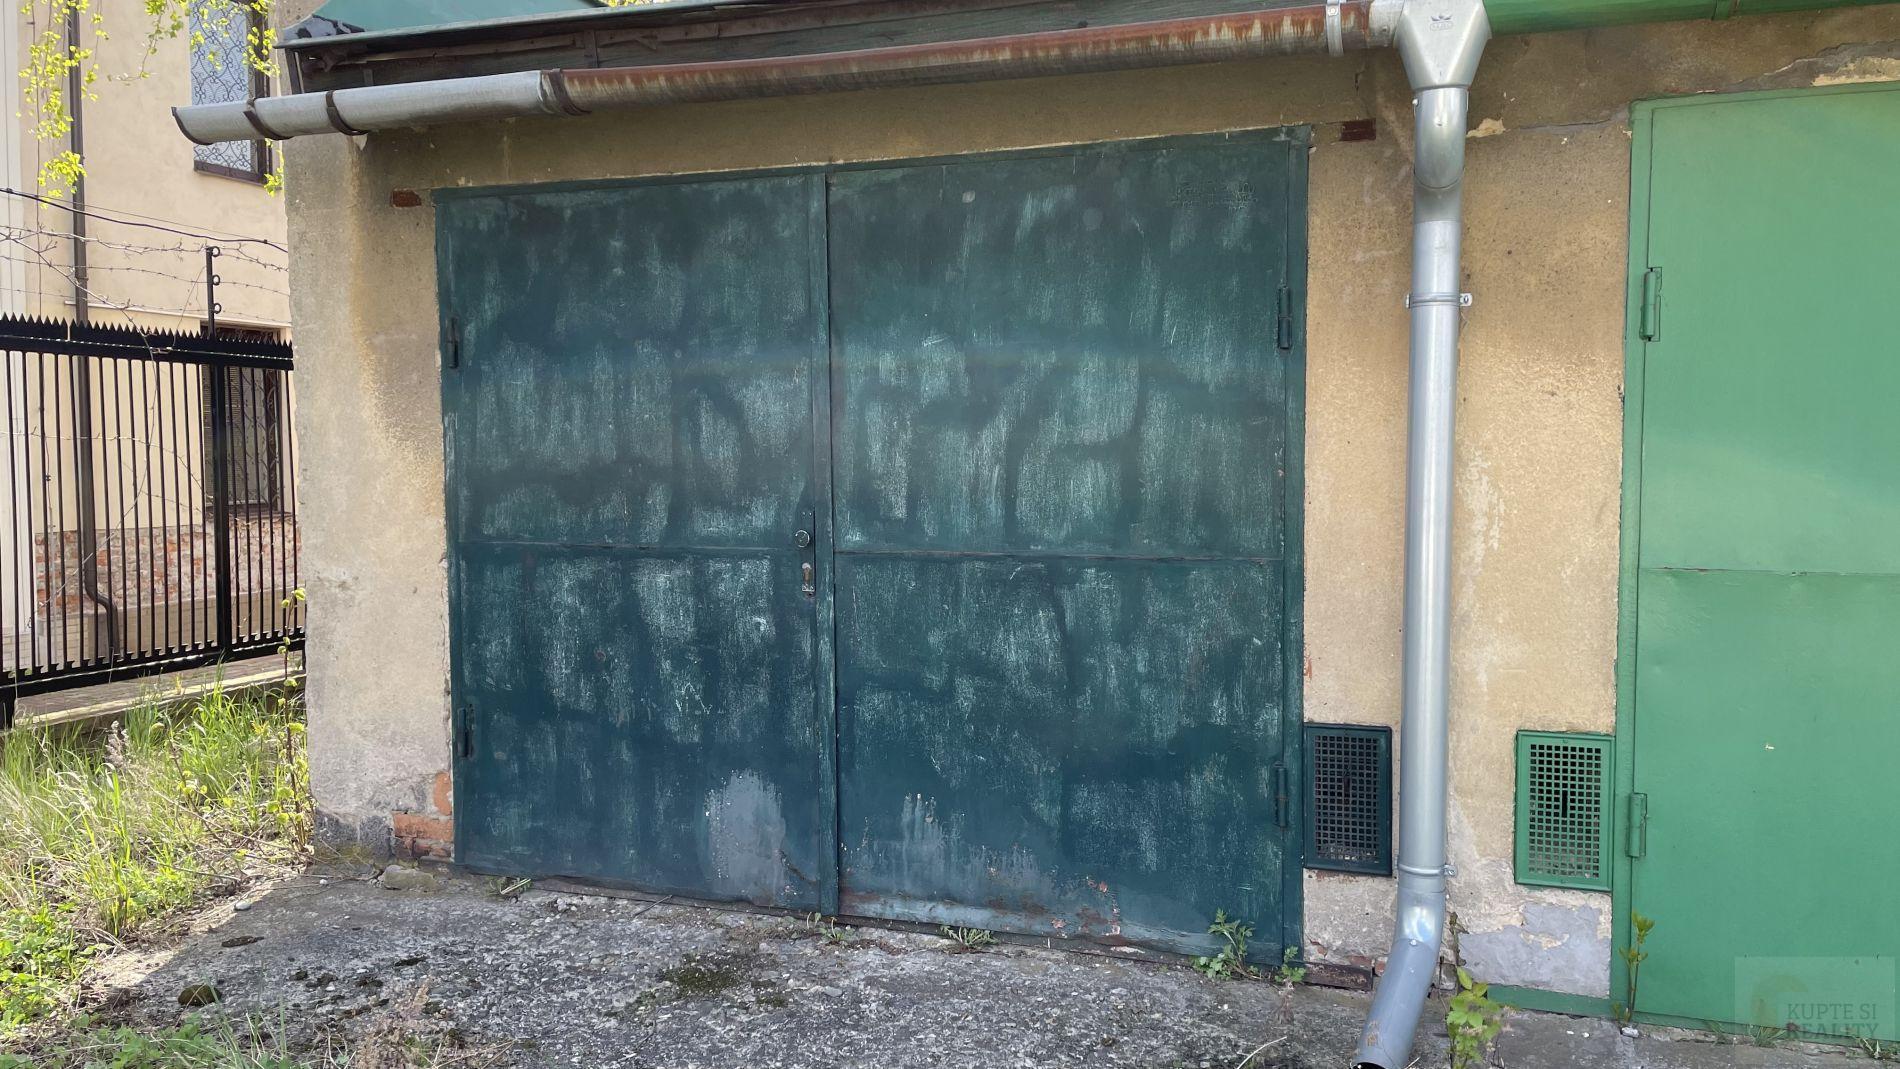 Nabízíme Vám k pronájmu garáž o velikosti 20 m2 na ul. Čelakovského v Ostravě-Mariánských Horách.